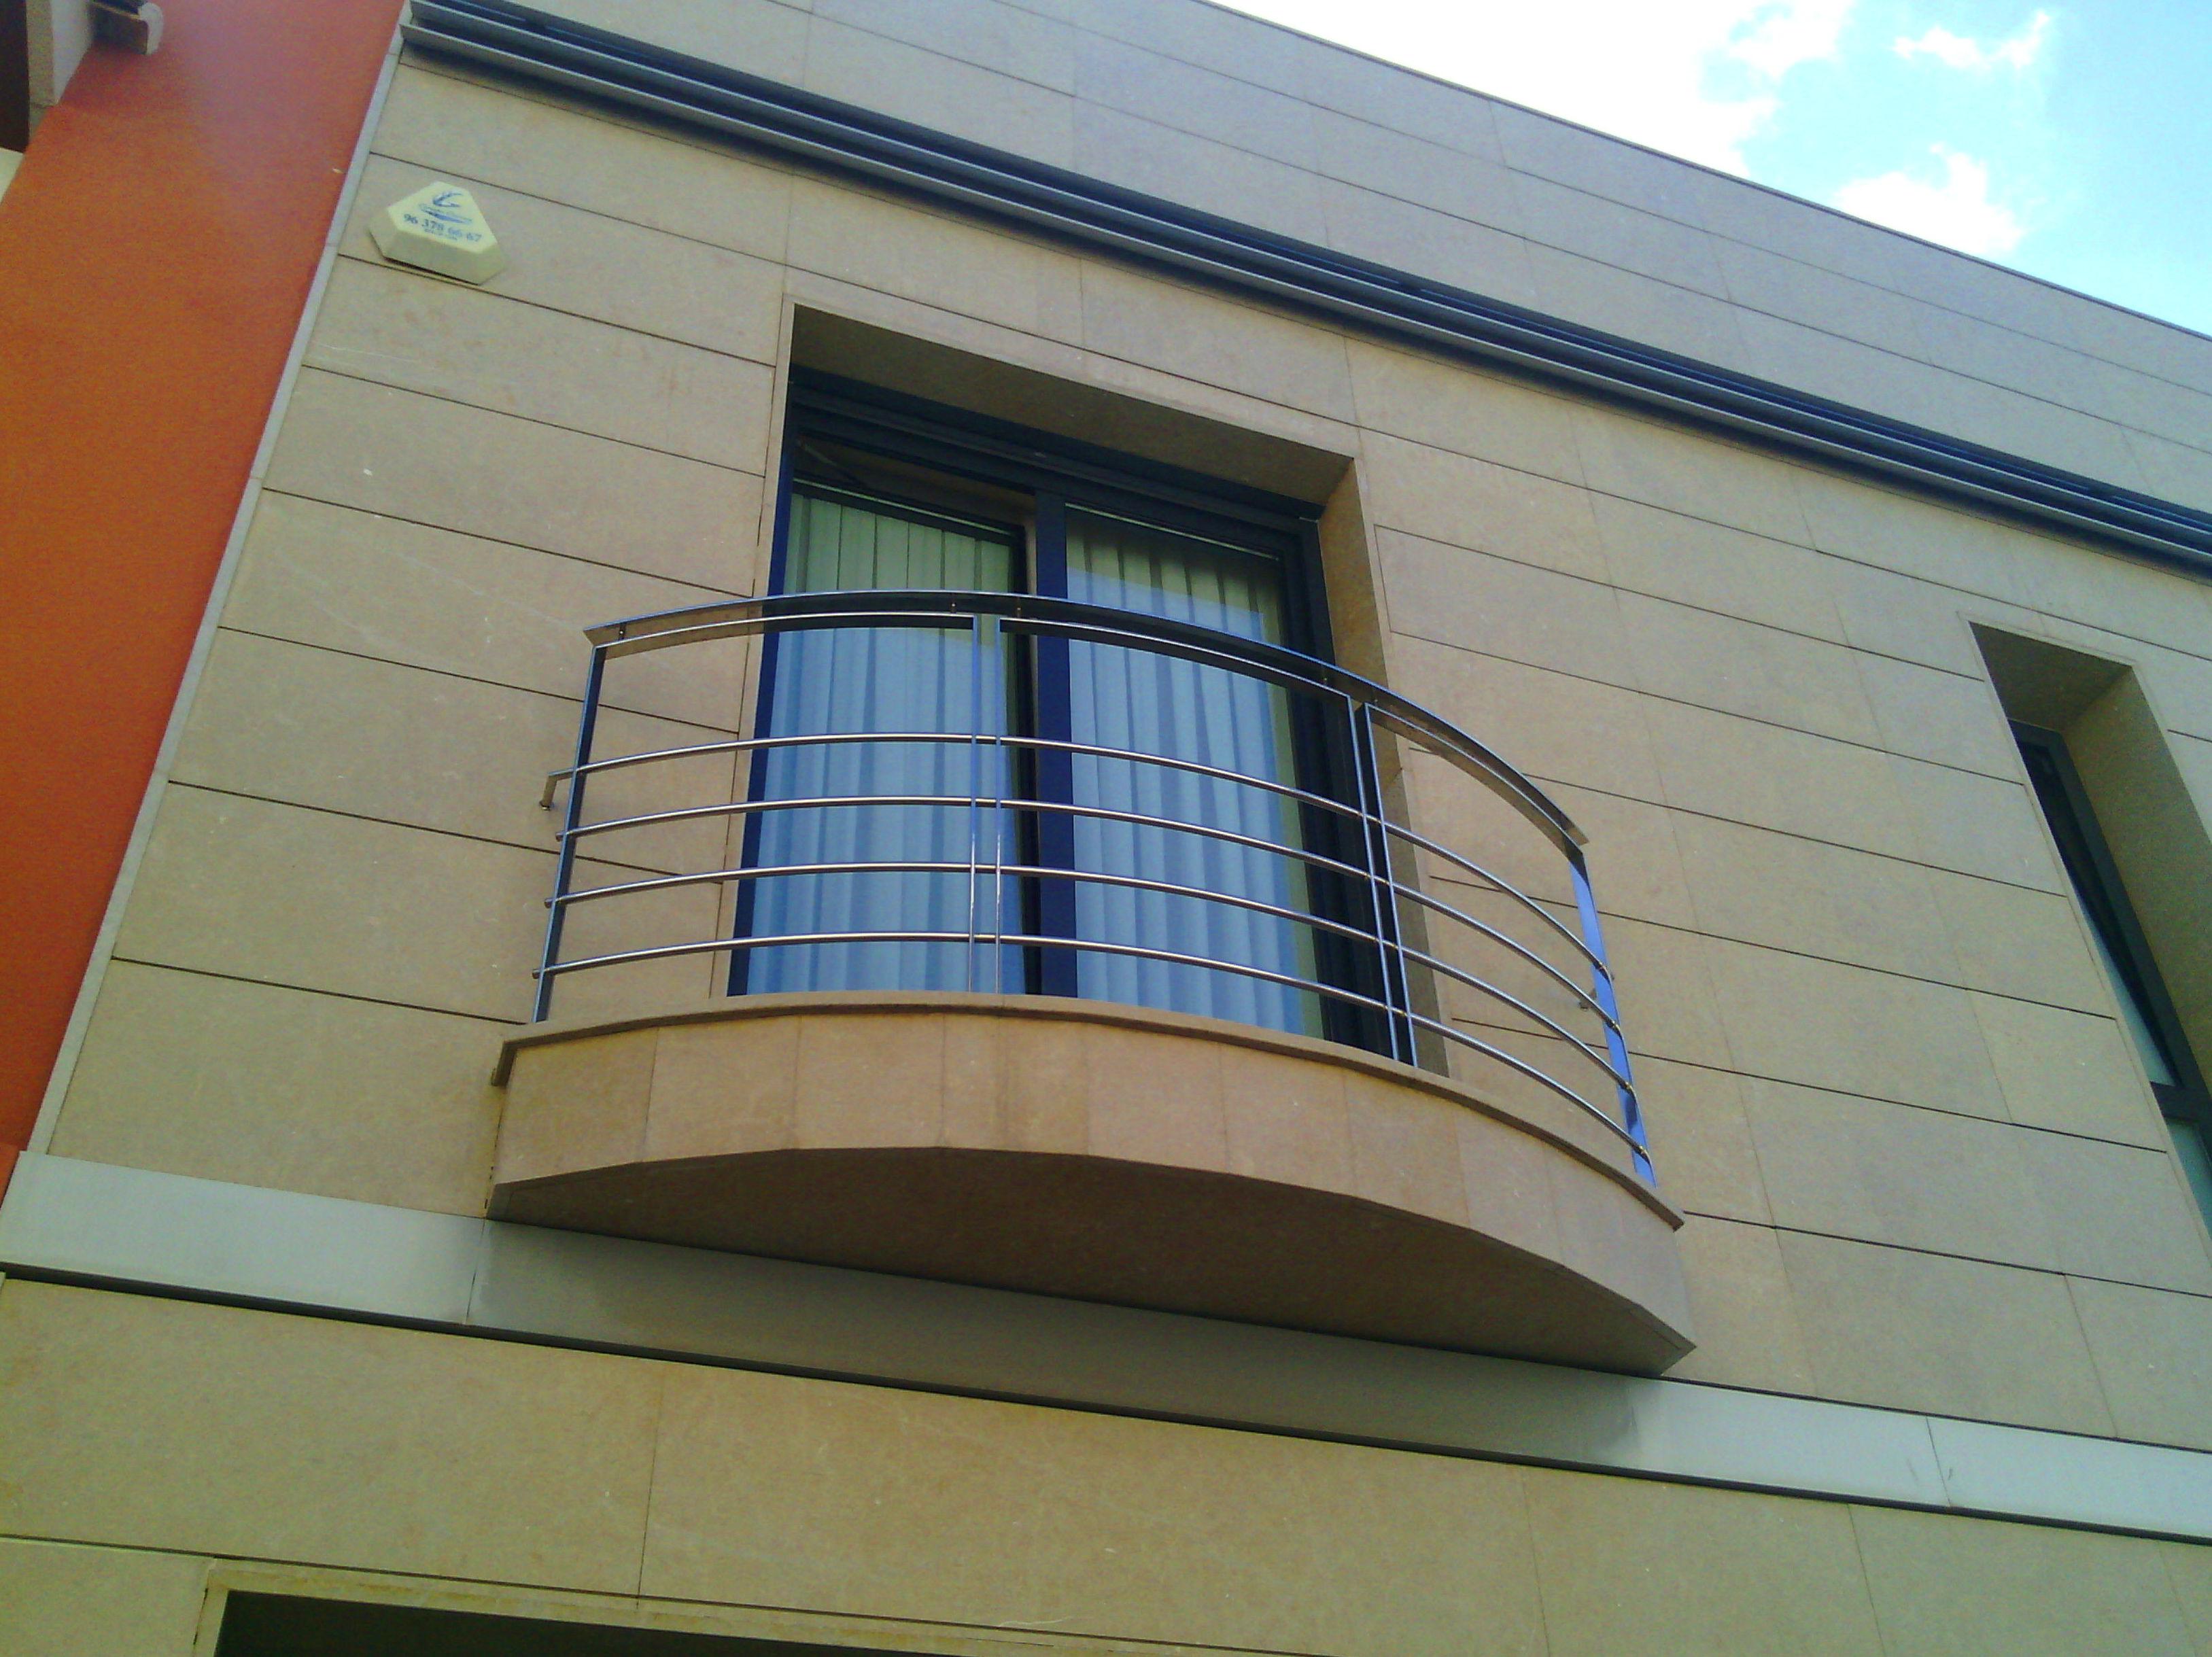 Barandilla de balcón de acero inoxidable curvo